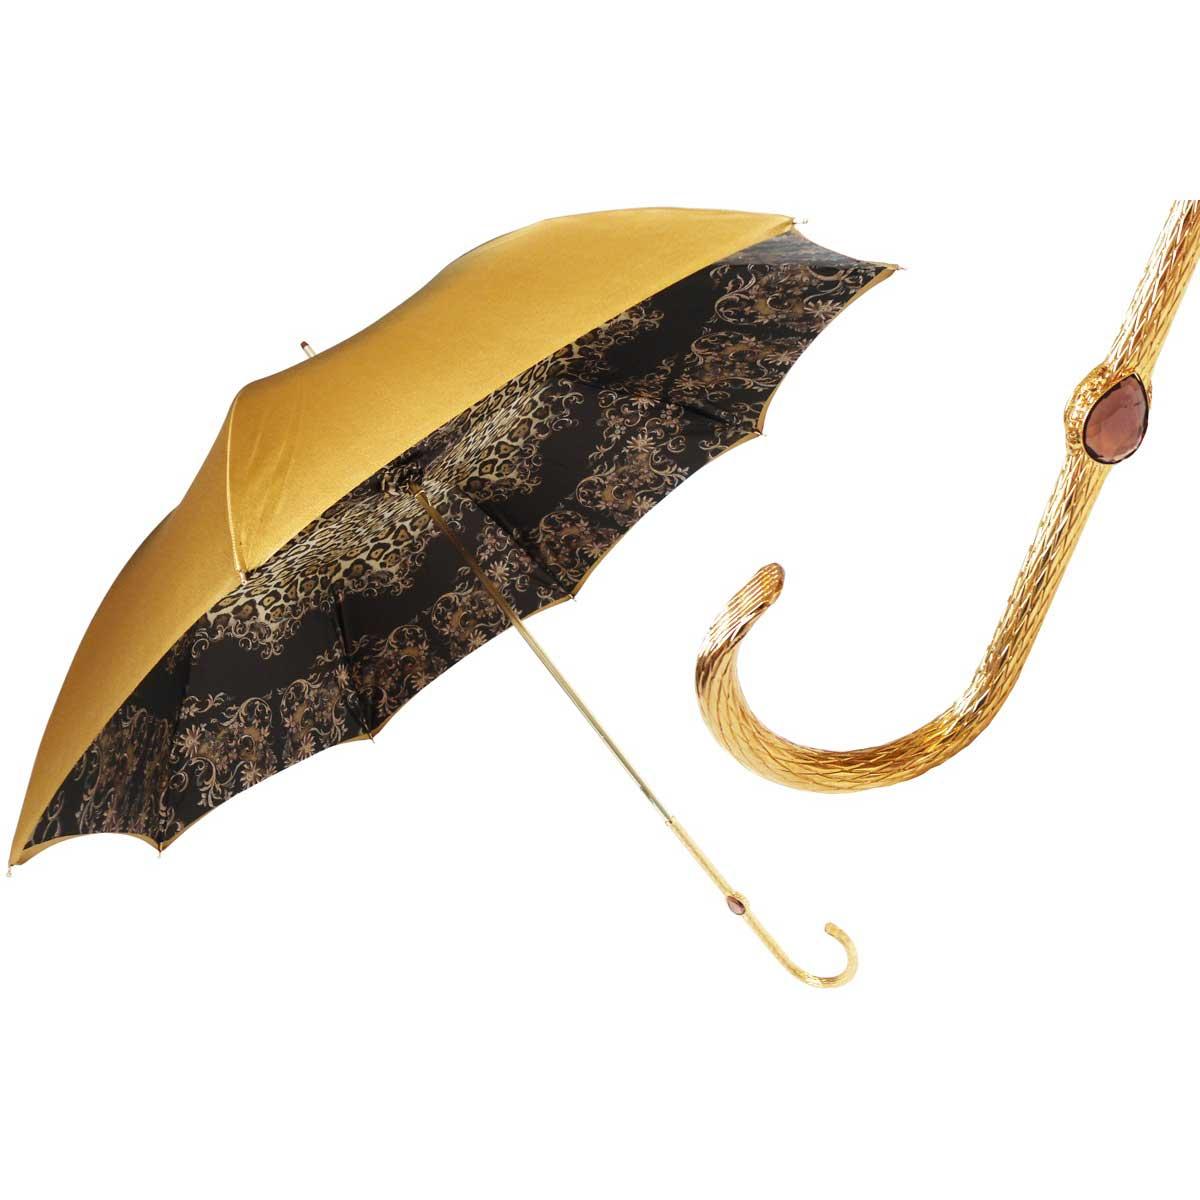 Pasotti Umbrella Bright Animalier Print Umbrella Double Cloth